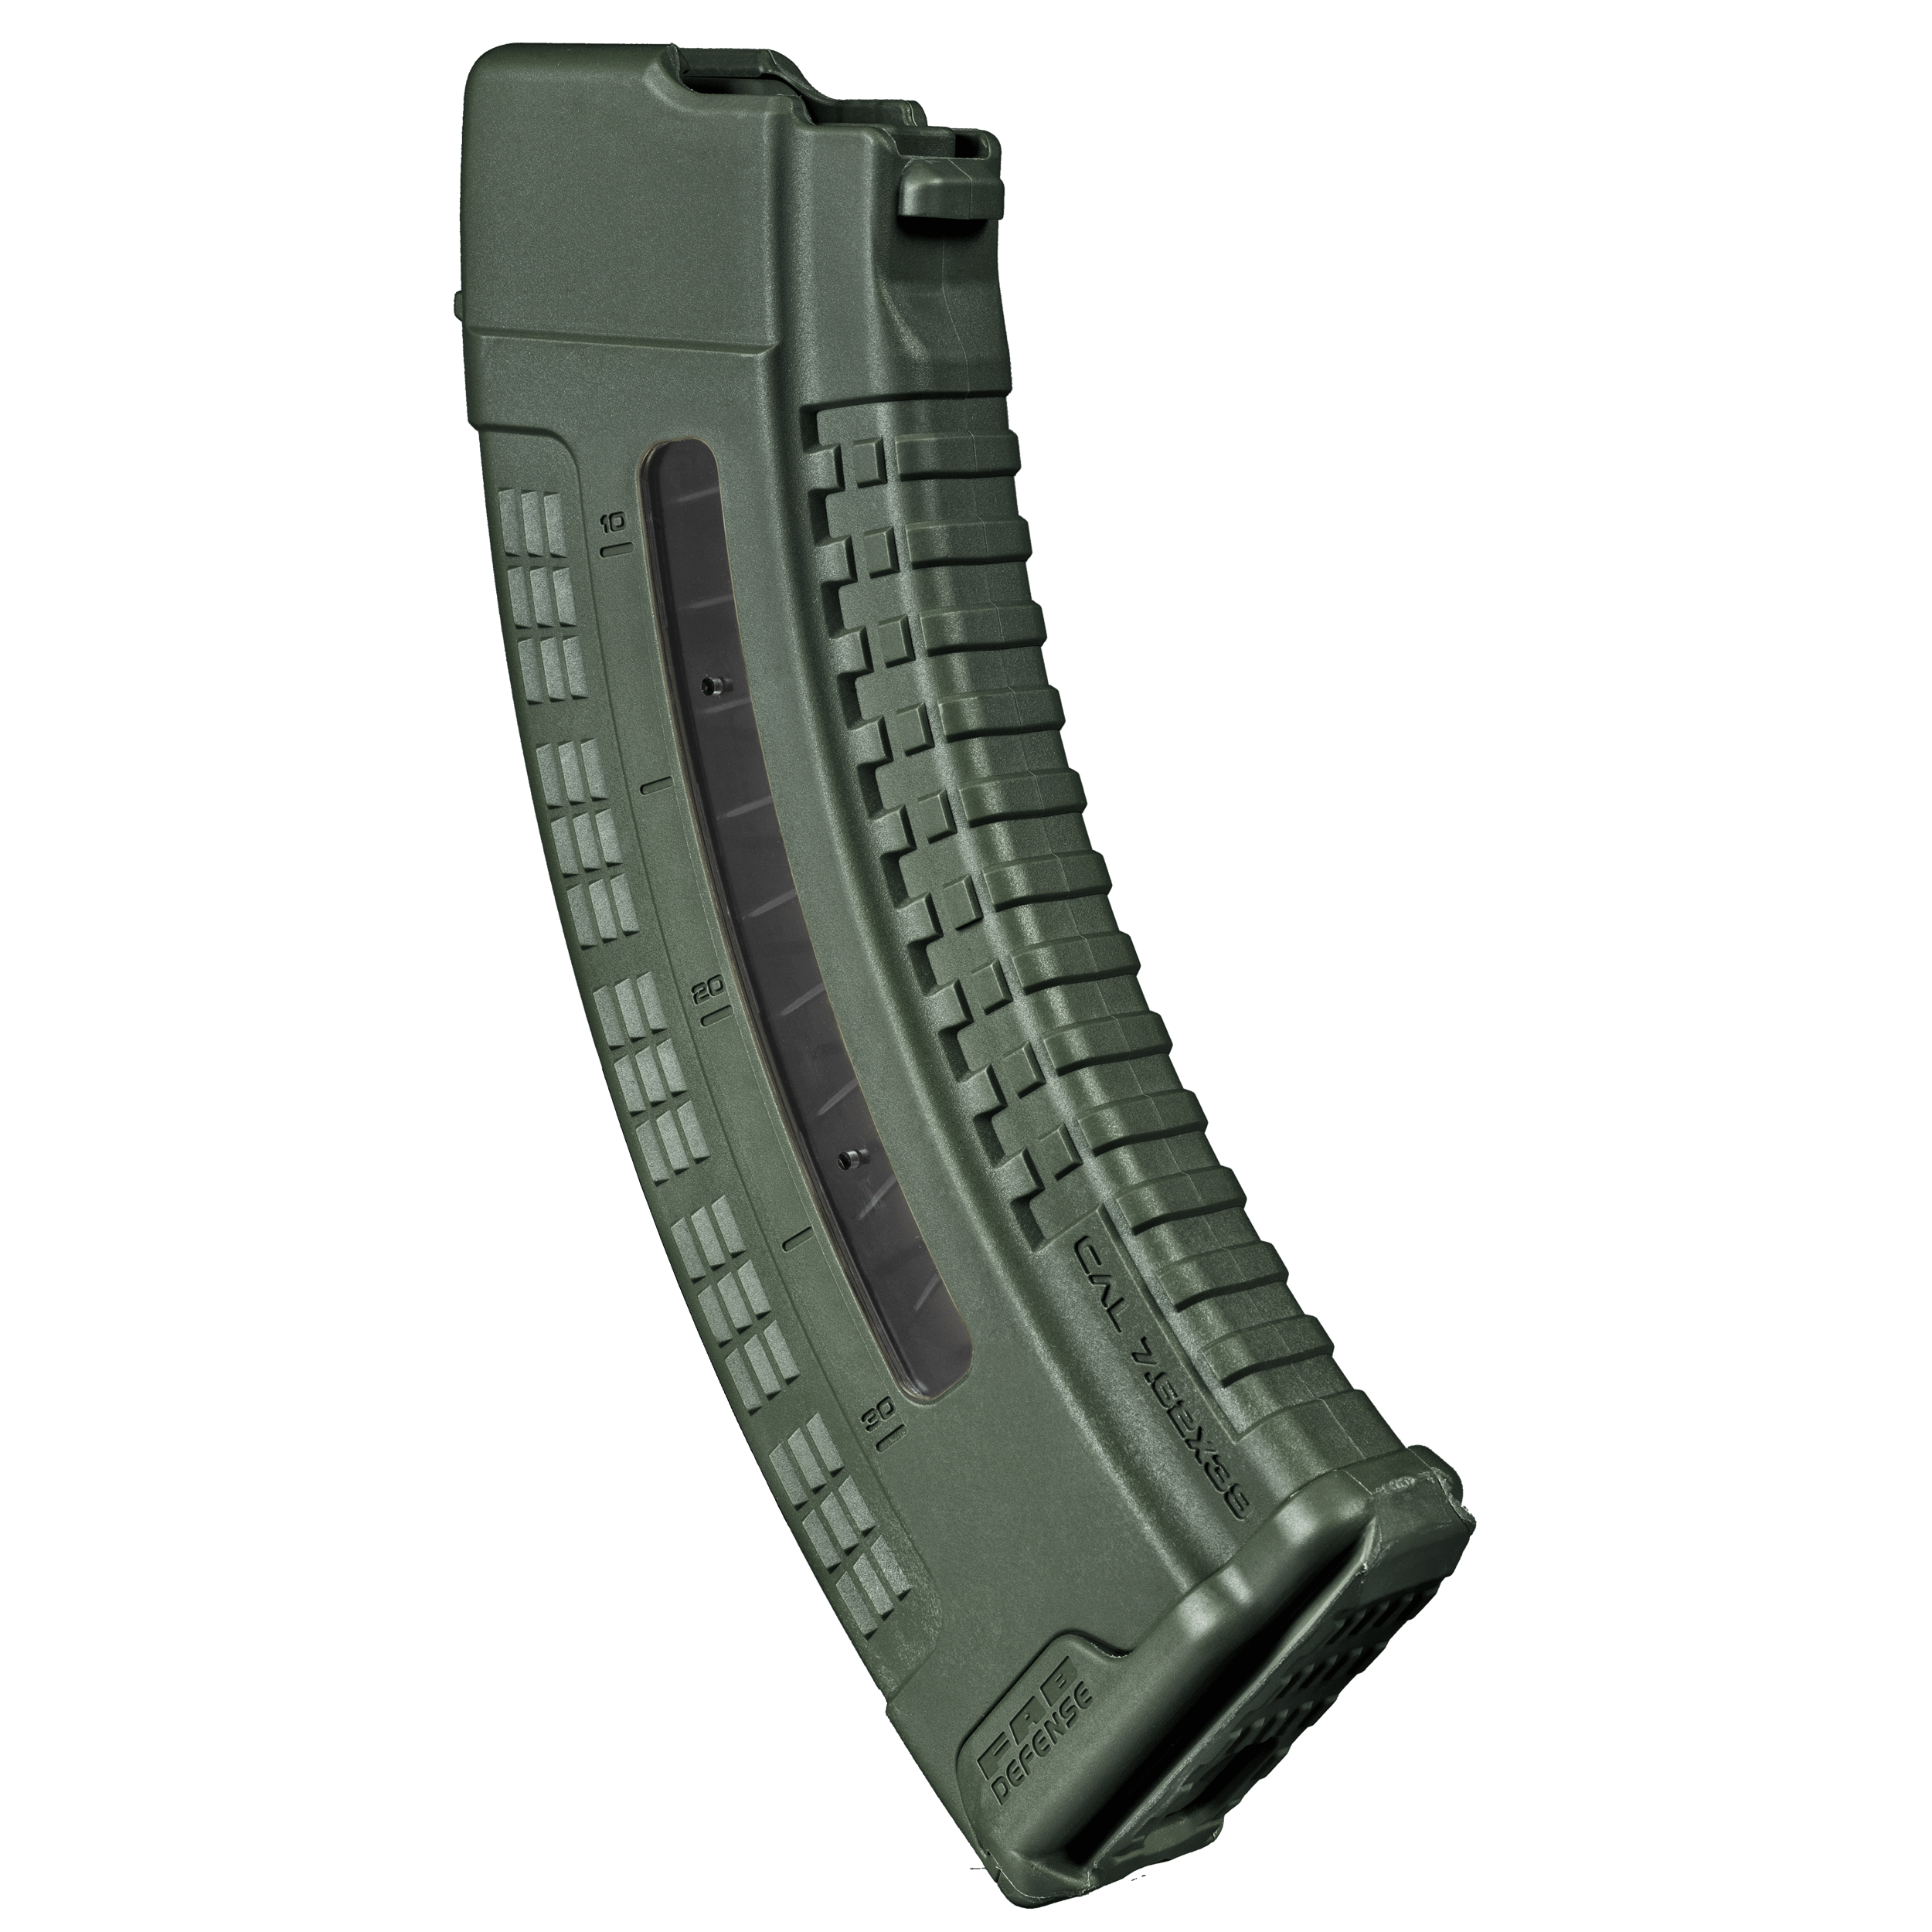 AK47/74 7.62x39 30 Rounds polymer magazine